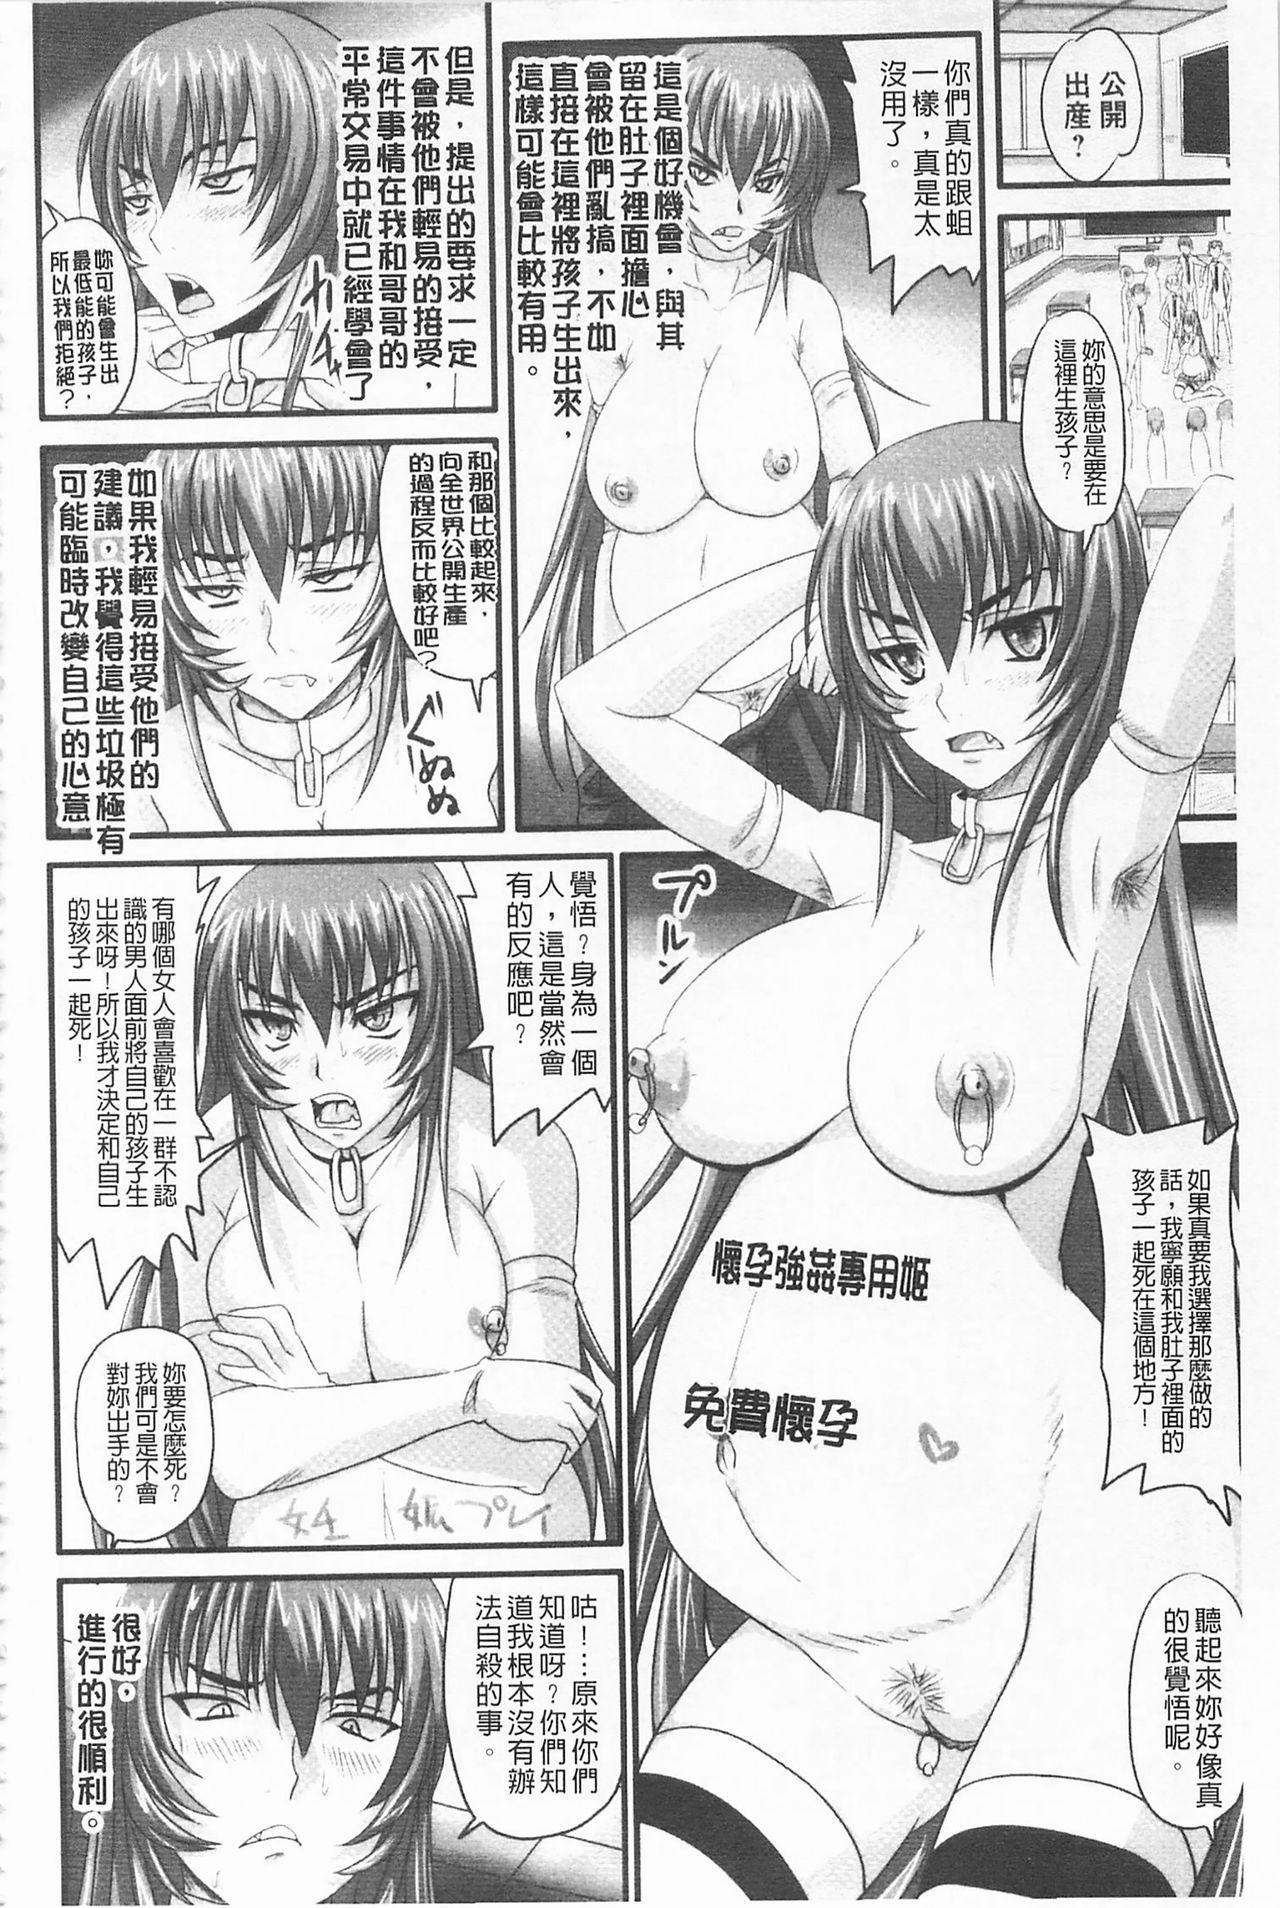 [Nozarashi Satoru] Do S na Hime wa Kegasareru -Ouhou no Shou-   超S的公主被玷汙了 ~報應之章~ [Chinese] 74